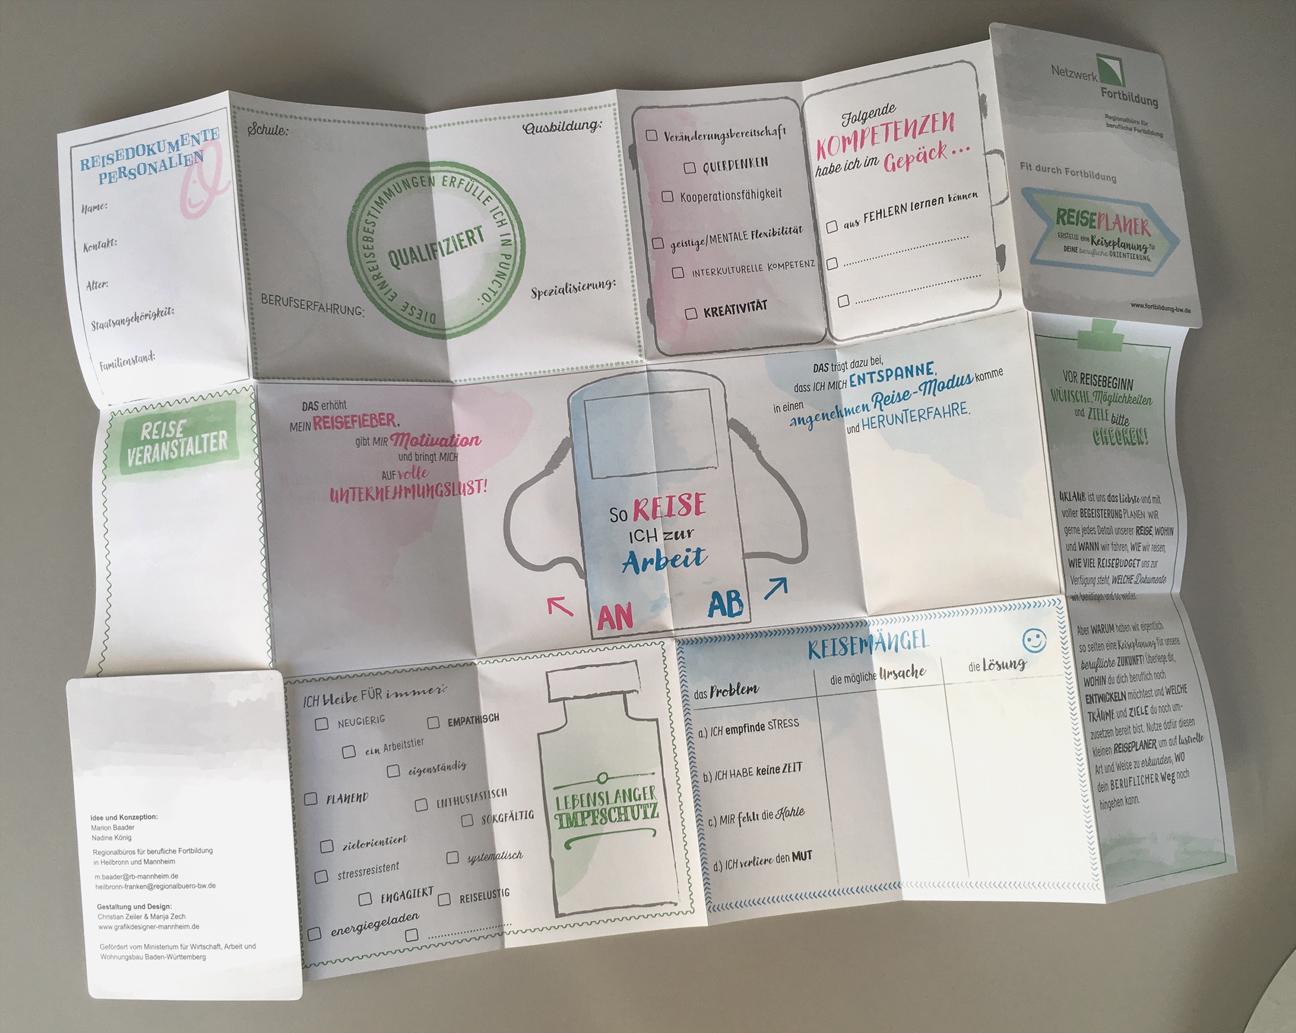 Reiseplaner berufliche Fortbildung oder Neuorientierung, Netzwerk Fortbildung BW